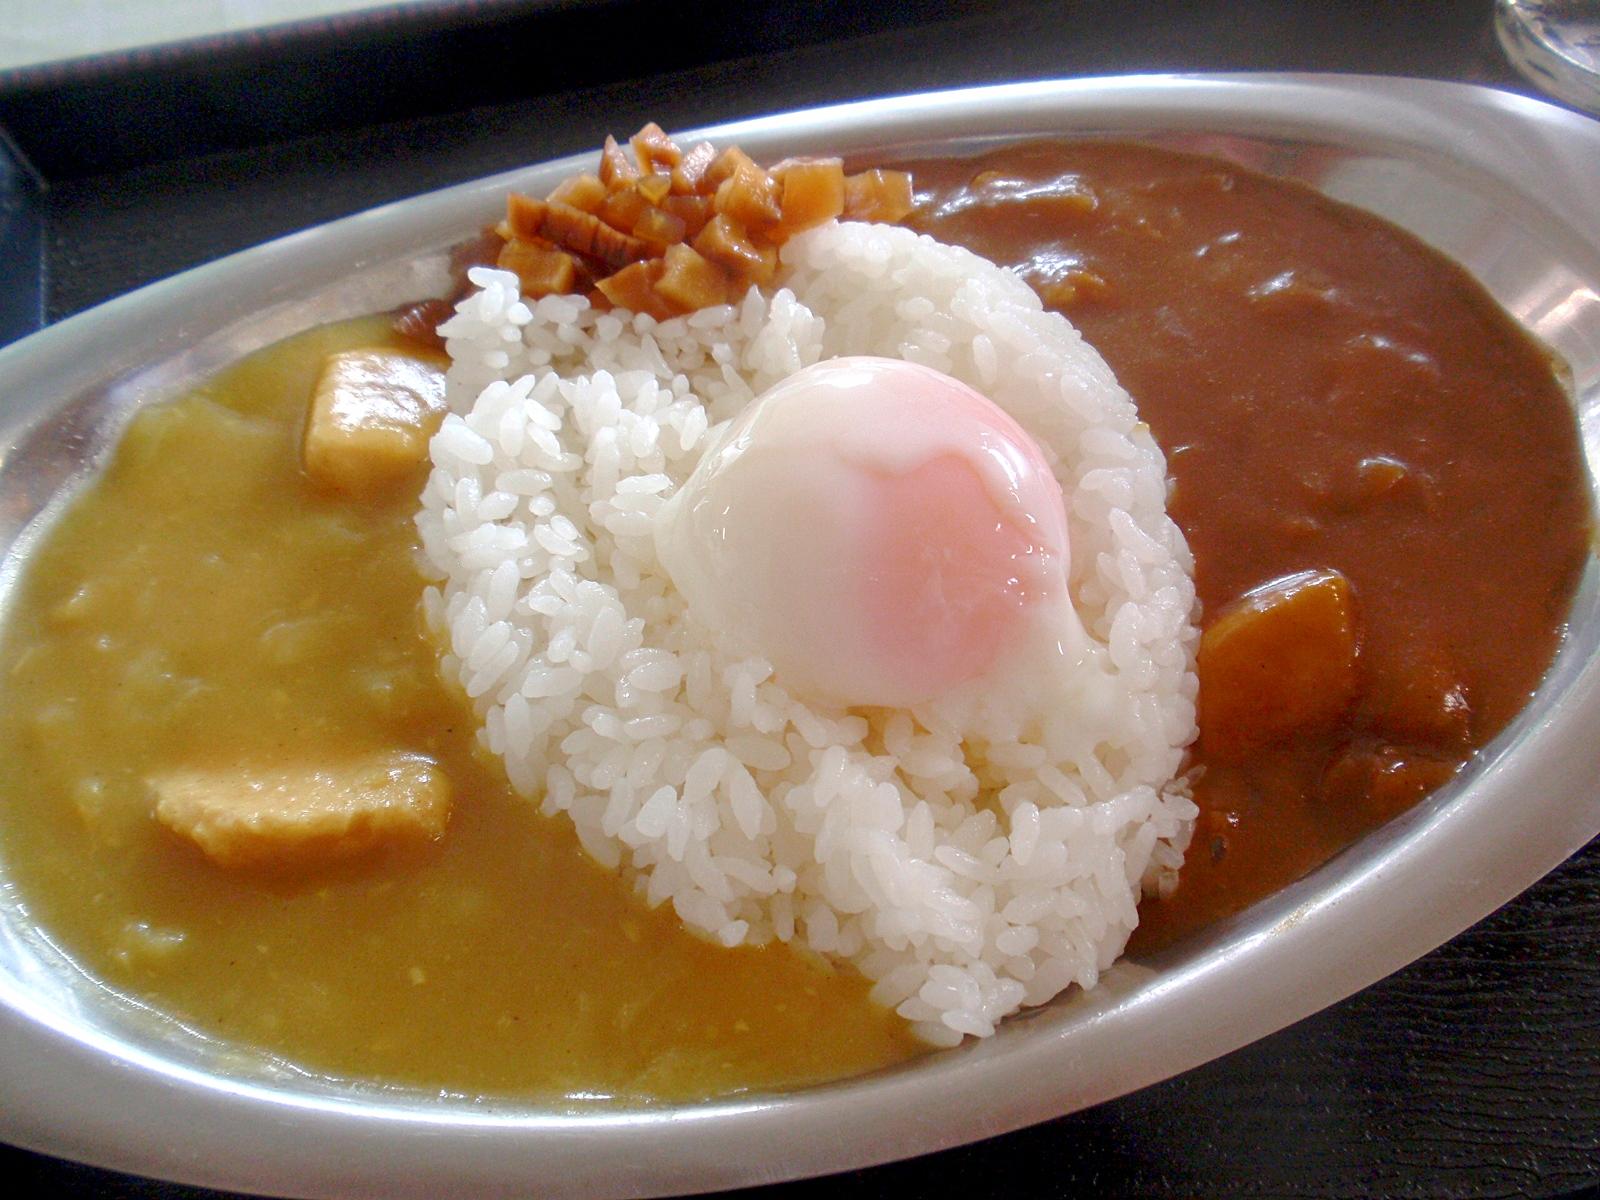 แกงกะหรี่ ญี่ปุ่น : แกงกะหรี่ไองาเกะจินได (Aigake Jindai Curry) จ.อาคิตะ (AKITA)